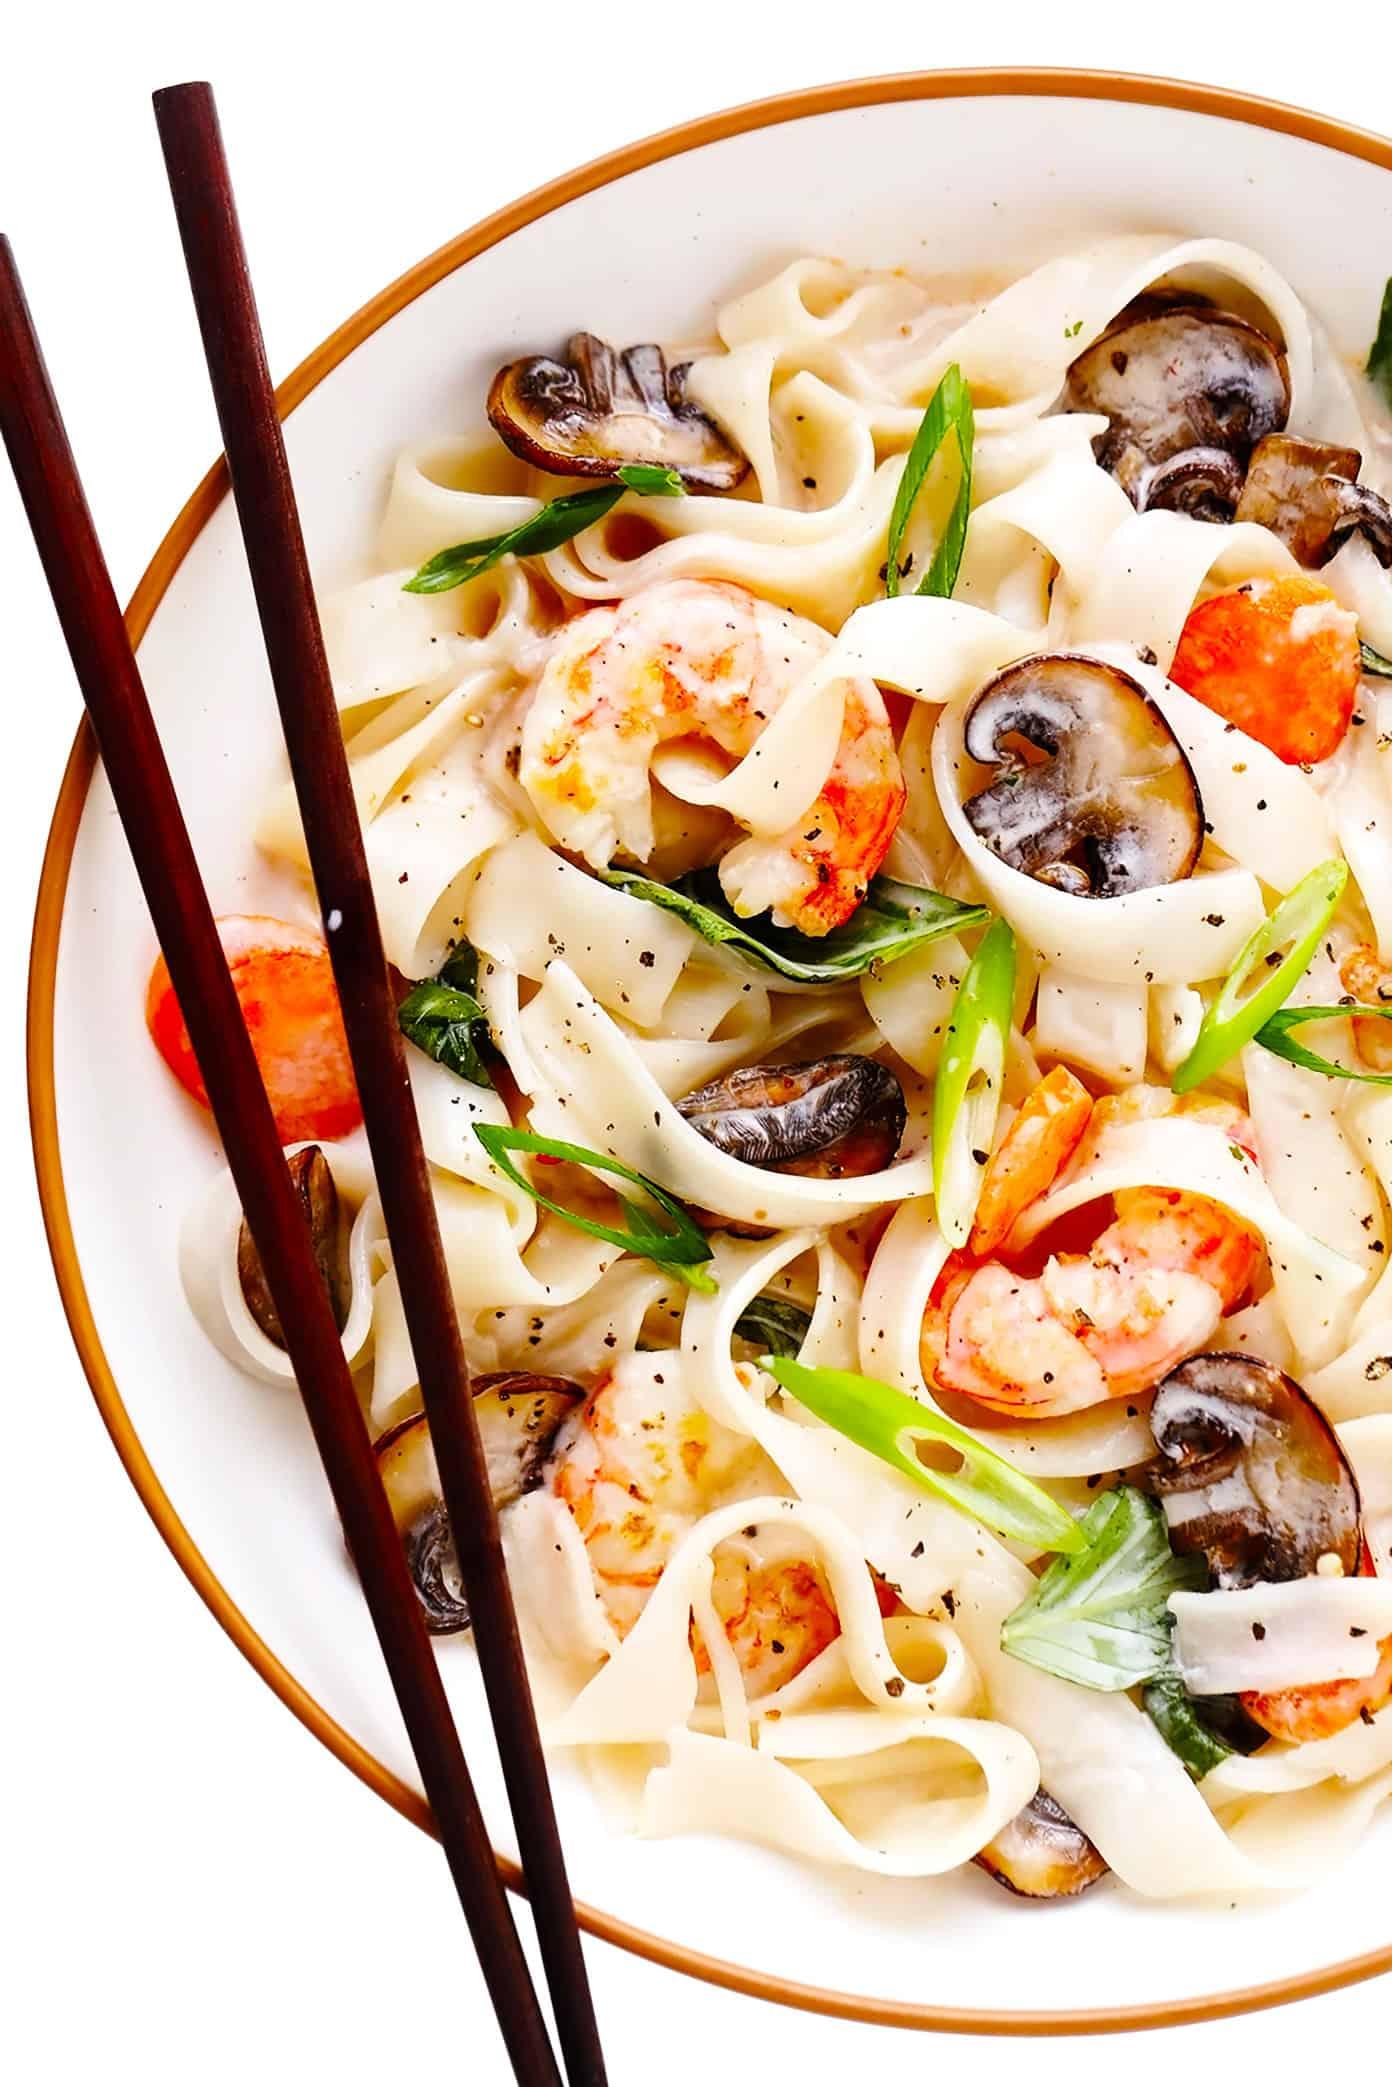 Bowl of lemongrass coconut rice noodles with shrimp and chopsticks